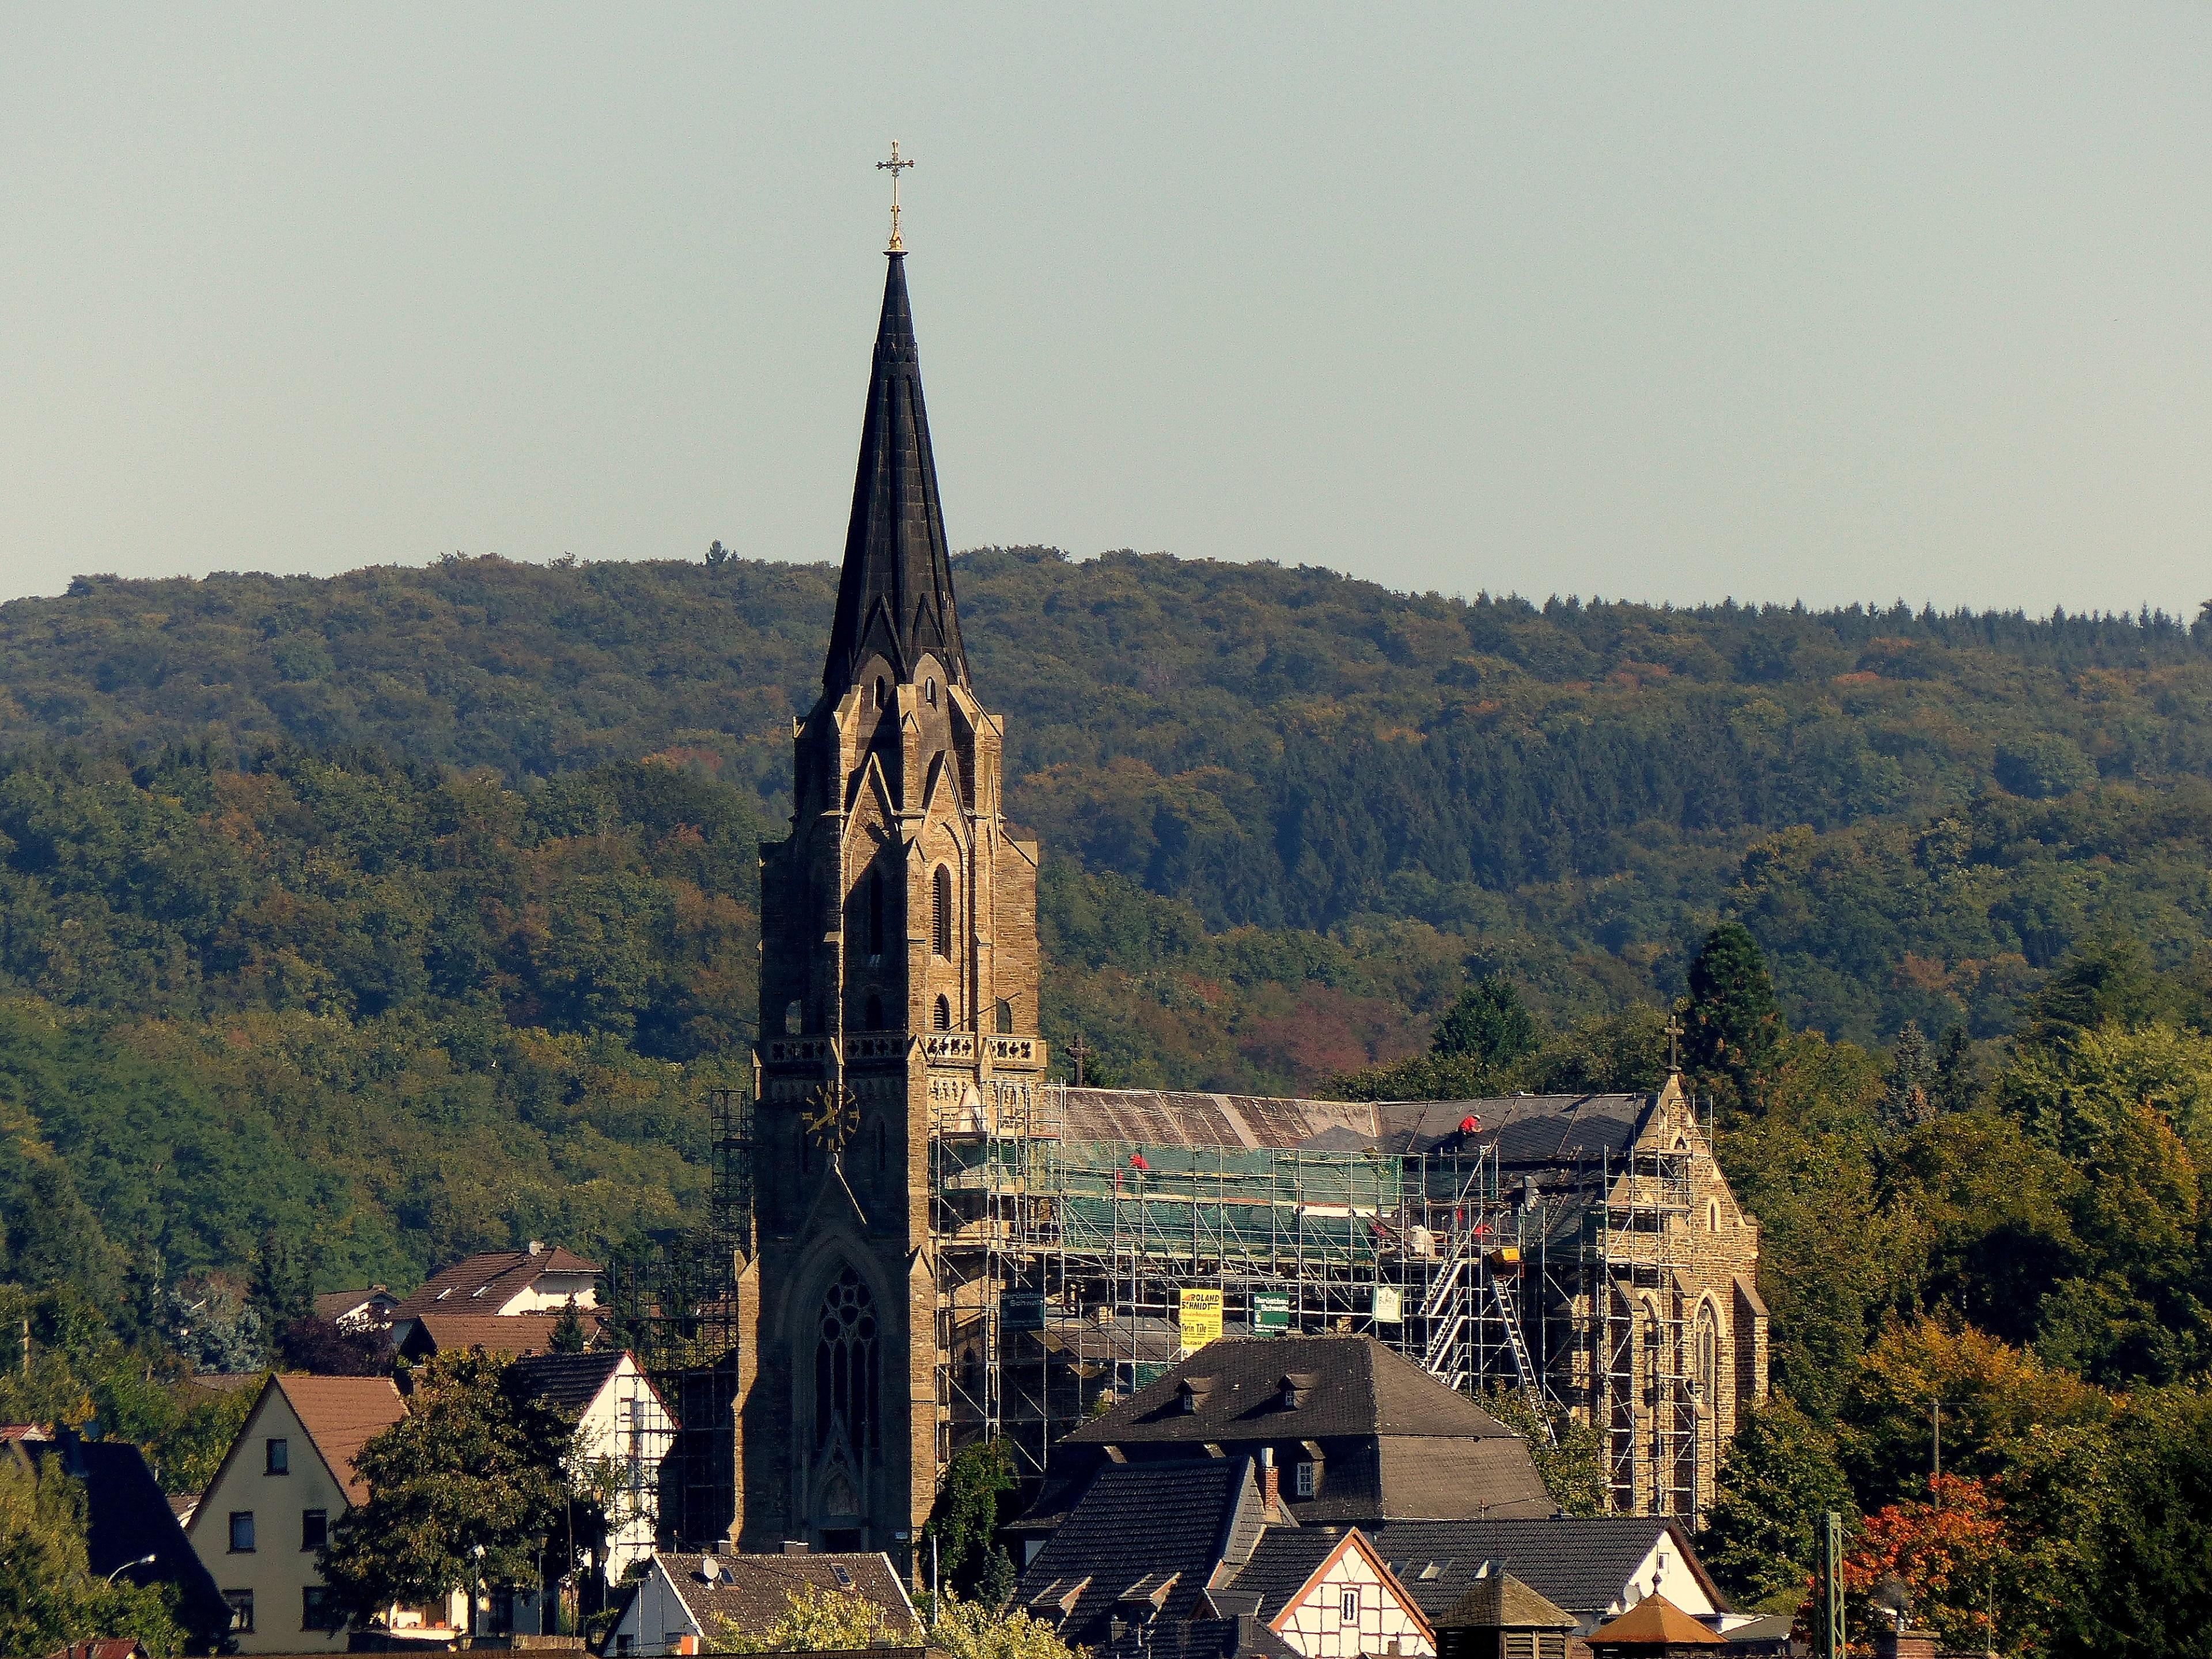 Bad Breisig, Rhineland-Palatinate, Germany